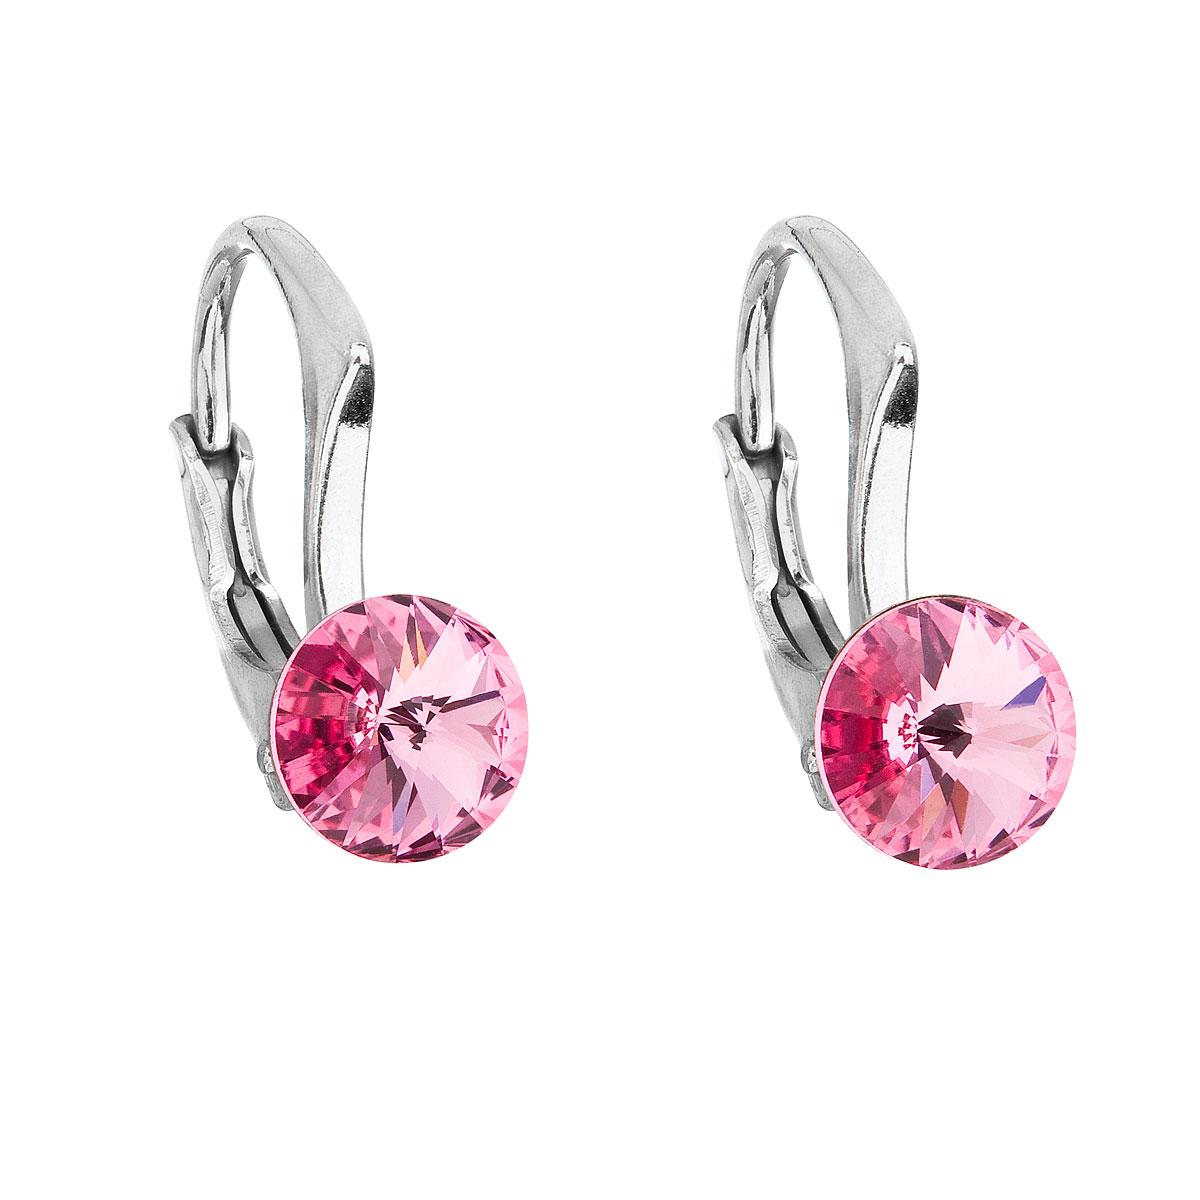 Evolution Group Stříbrné náušnice visací s krystaly Swarovski růžové kulaté 31230.3